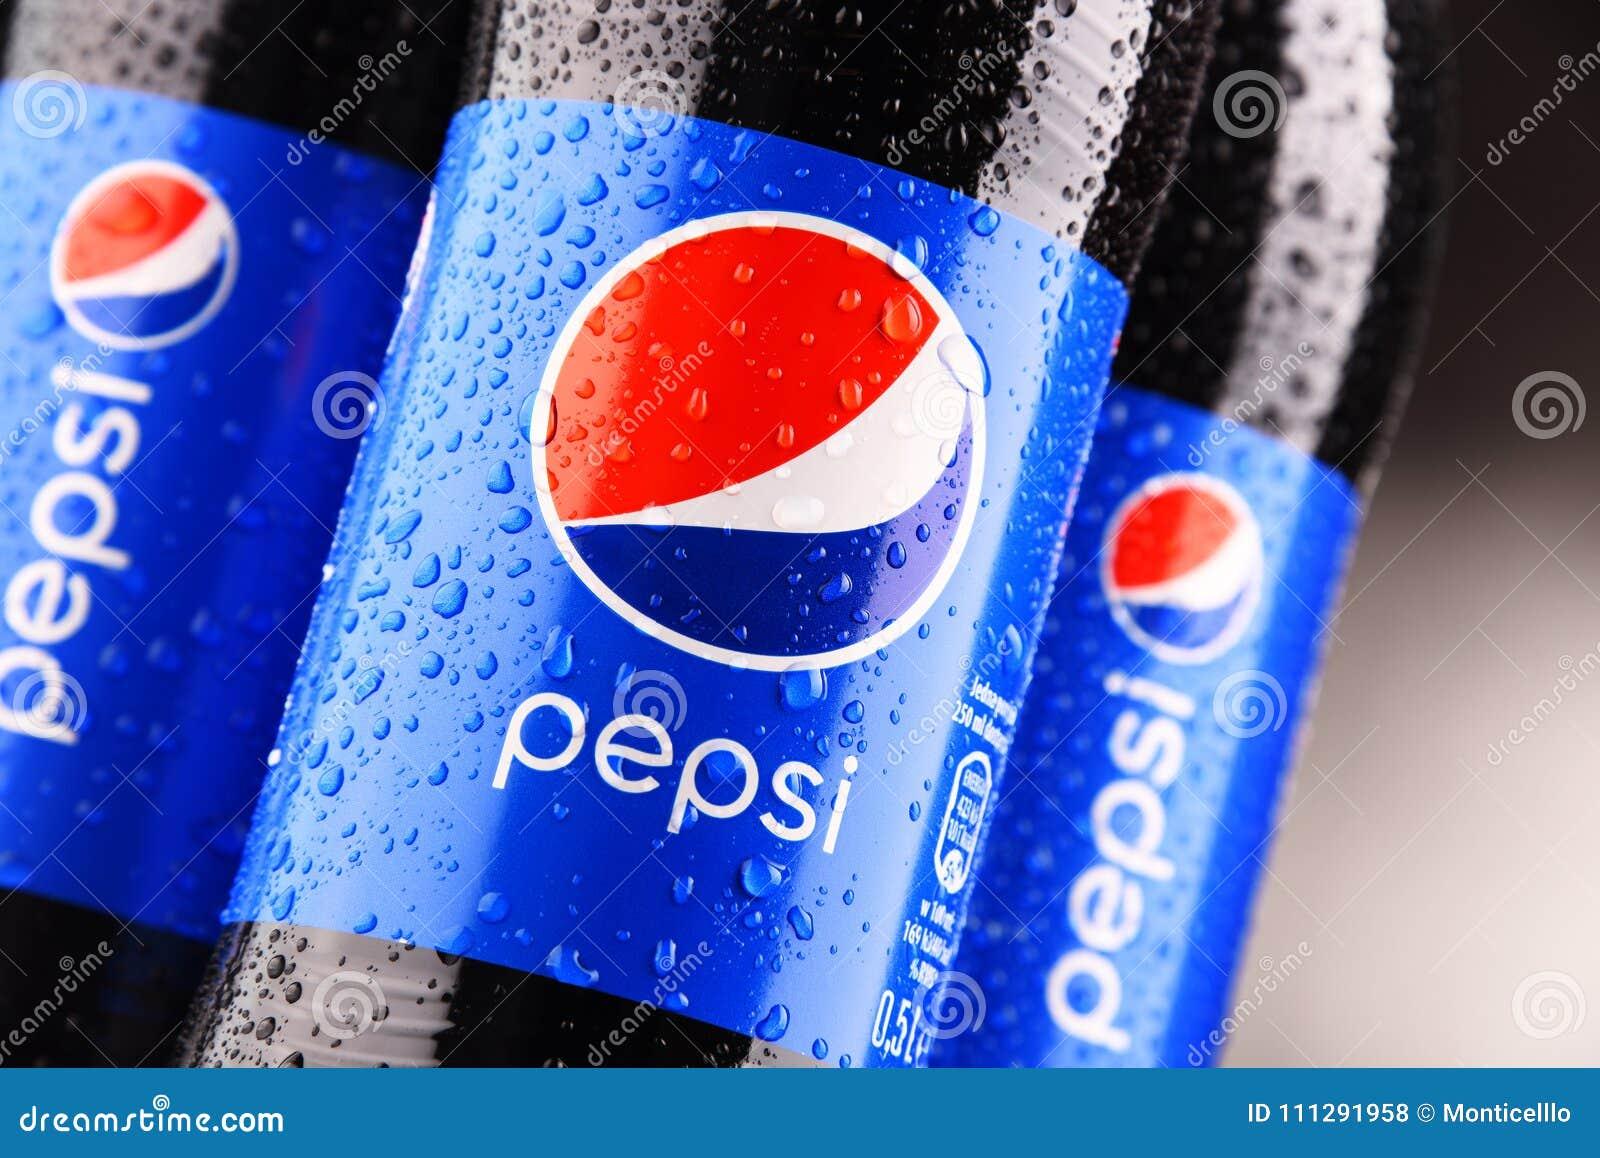 塑料瓶碳酸化合的软饮料百事可乐